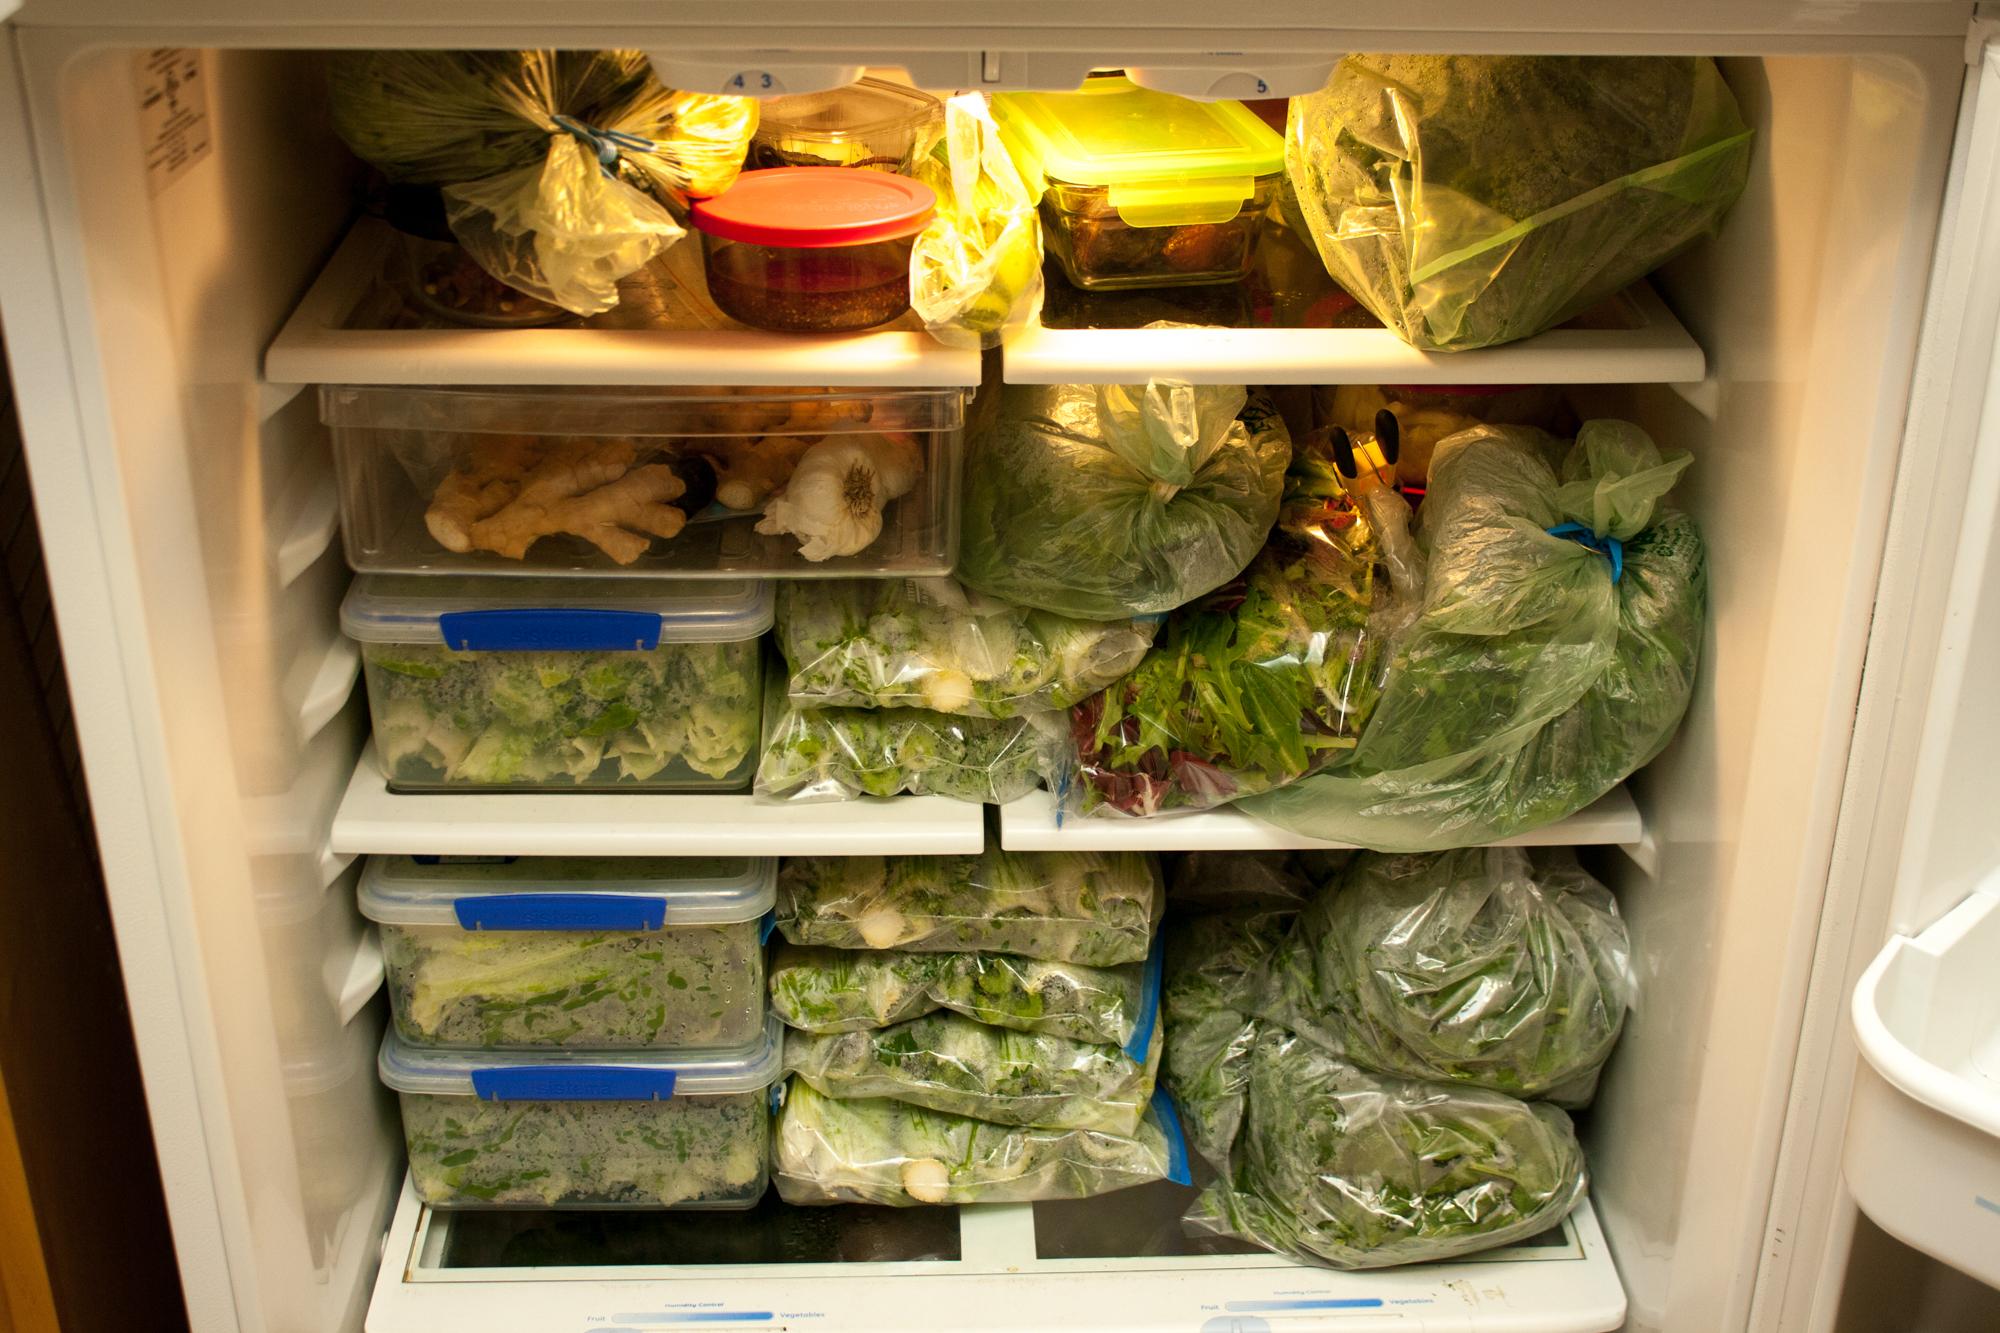 Diy juice cleanse worth it cute vegetables green juice veggie storage malvernweather Gallery